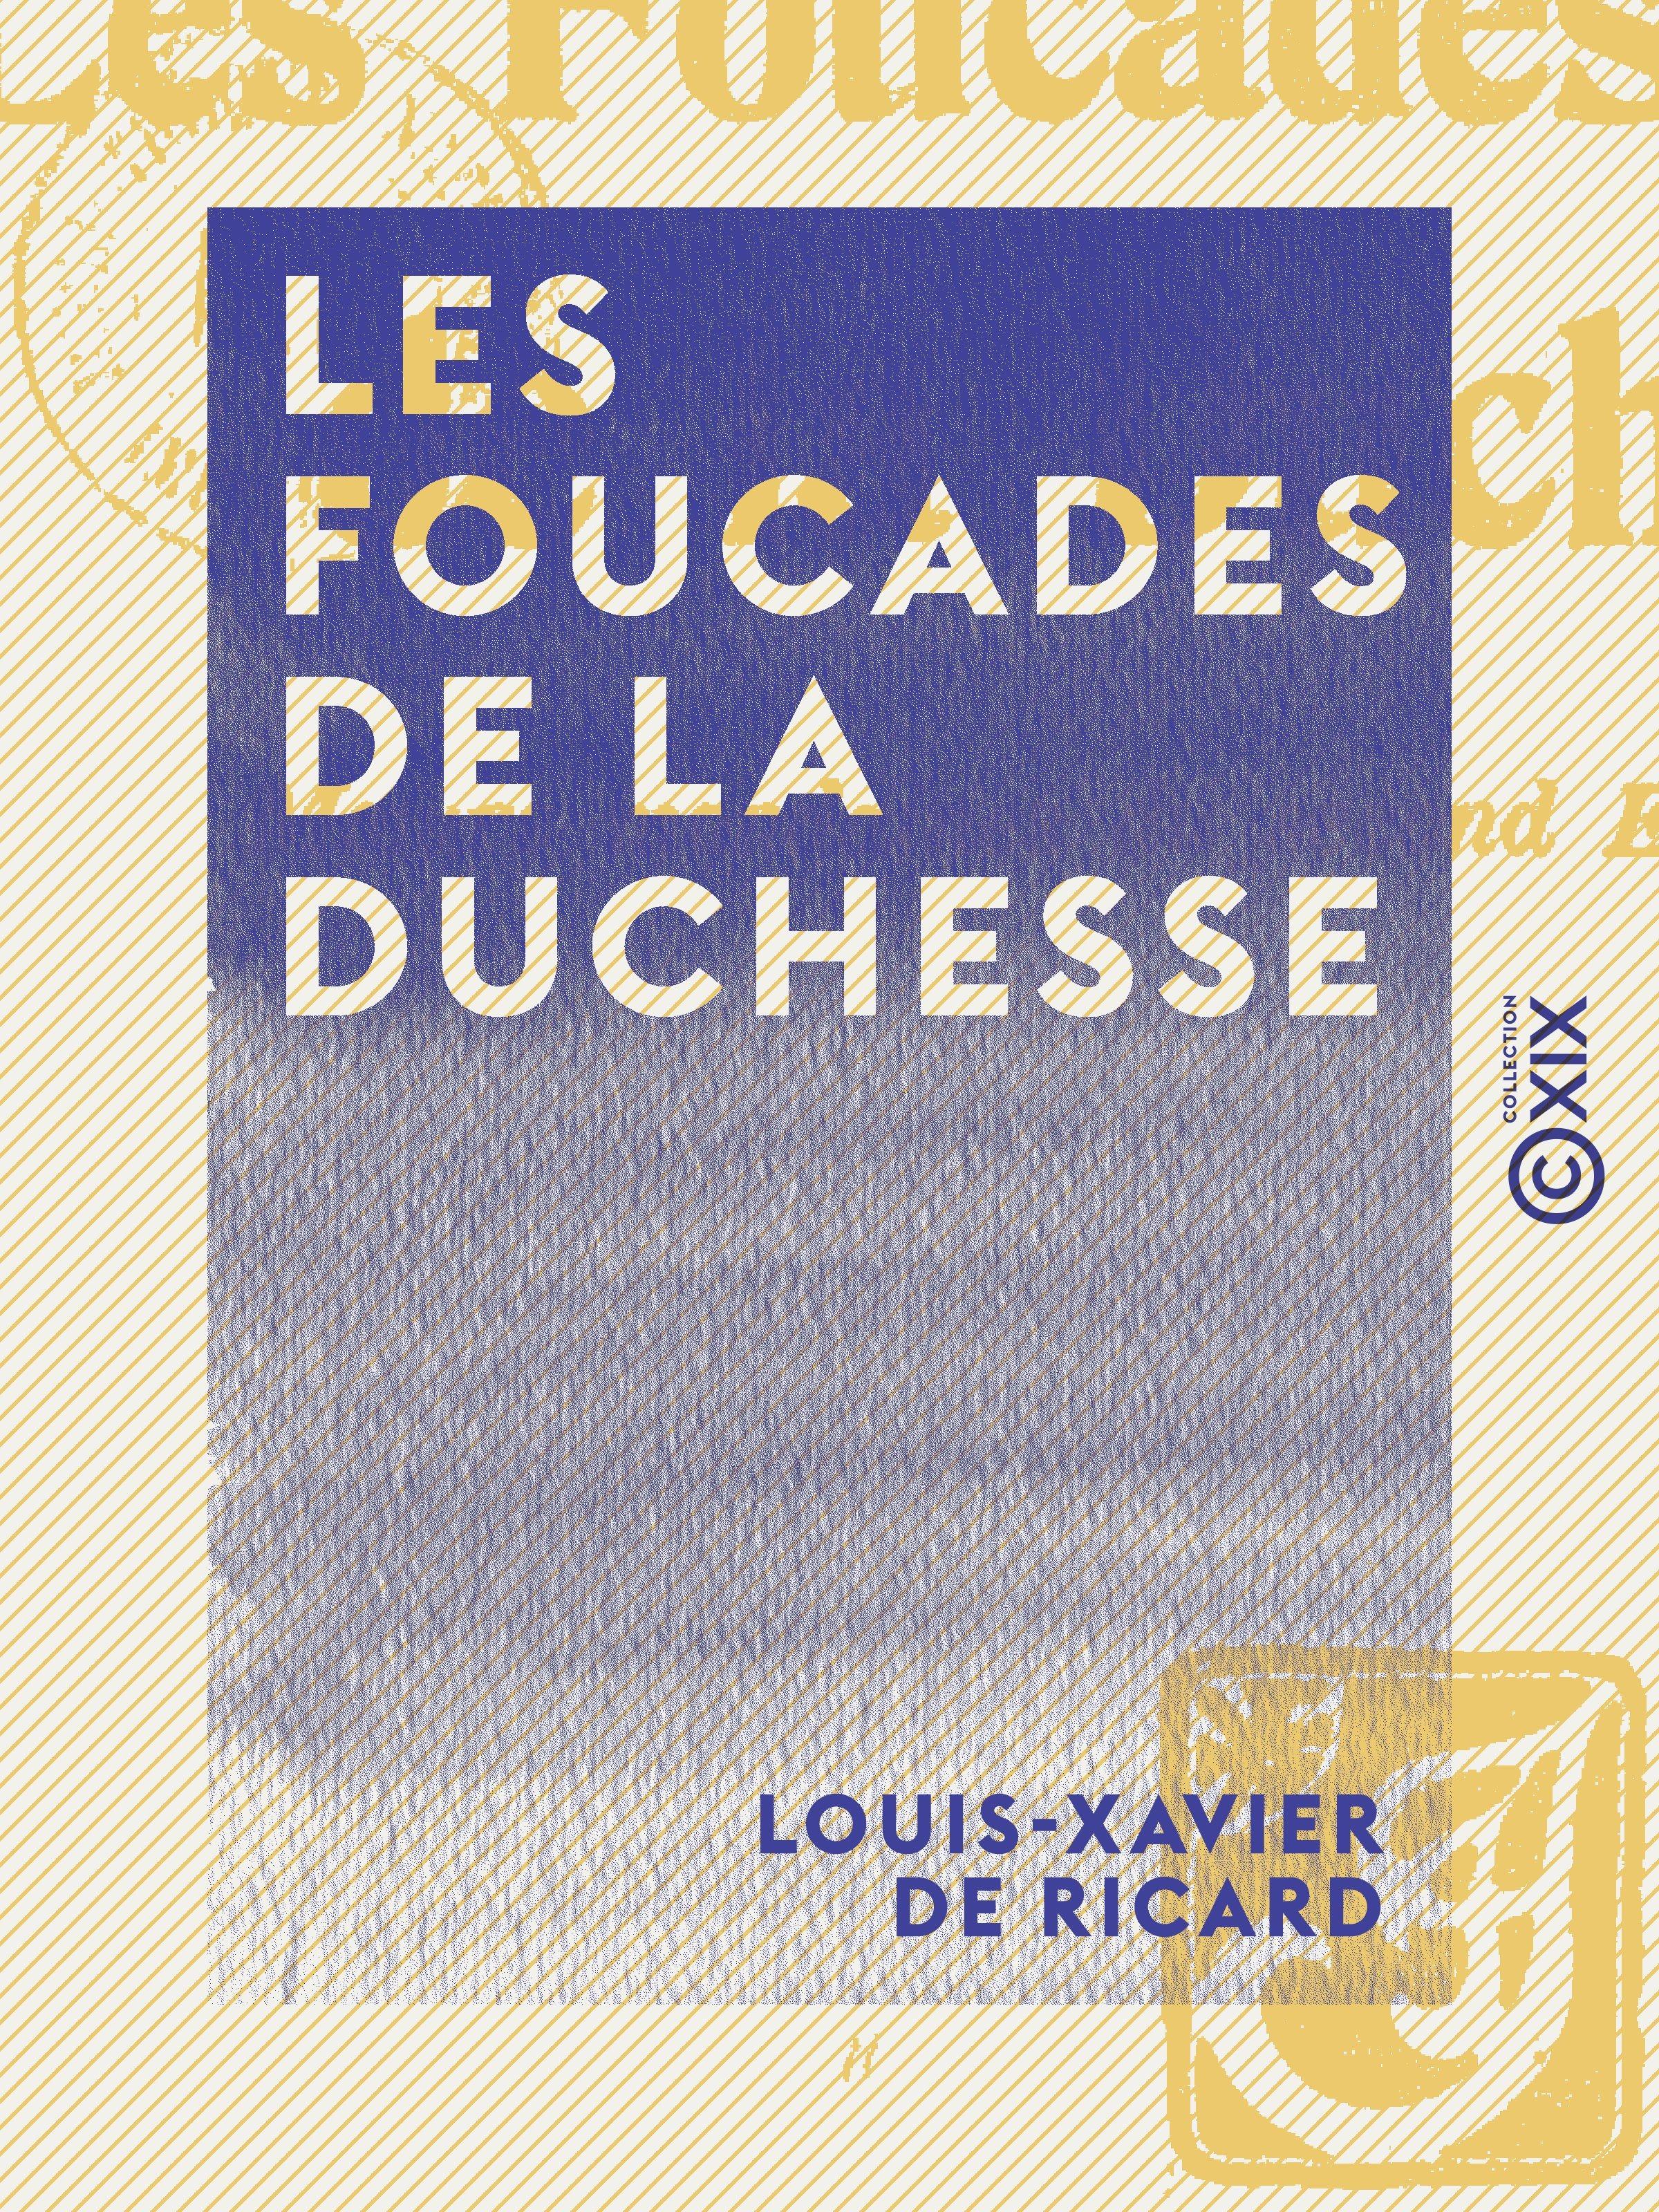 Les Foucades de la duchesse